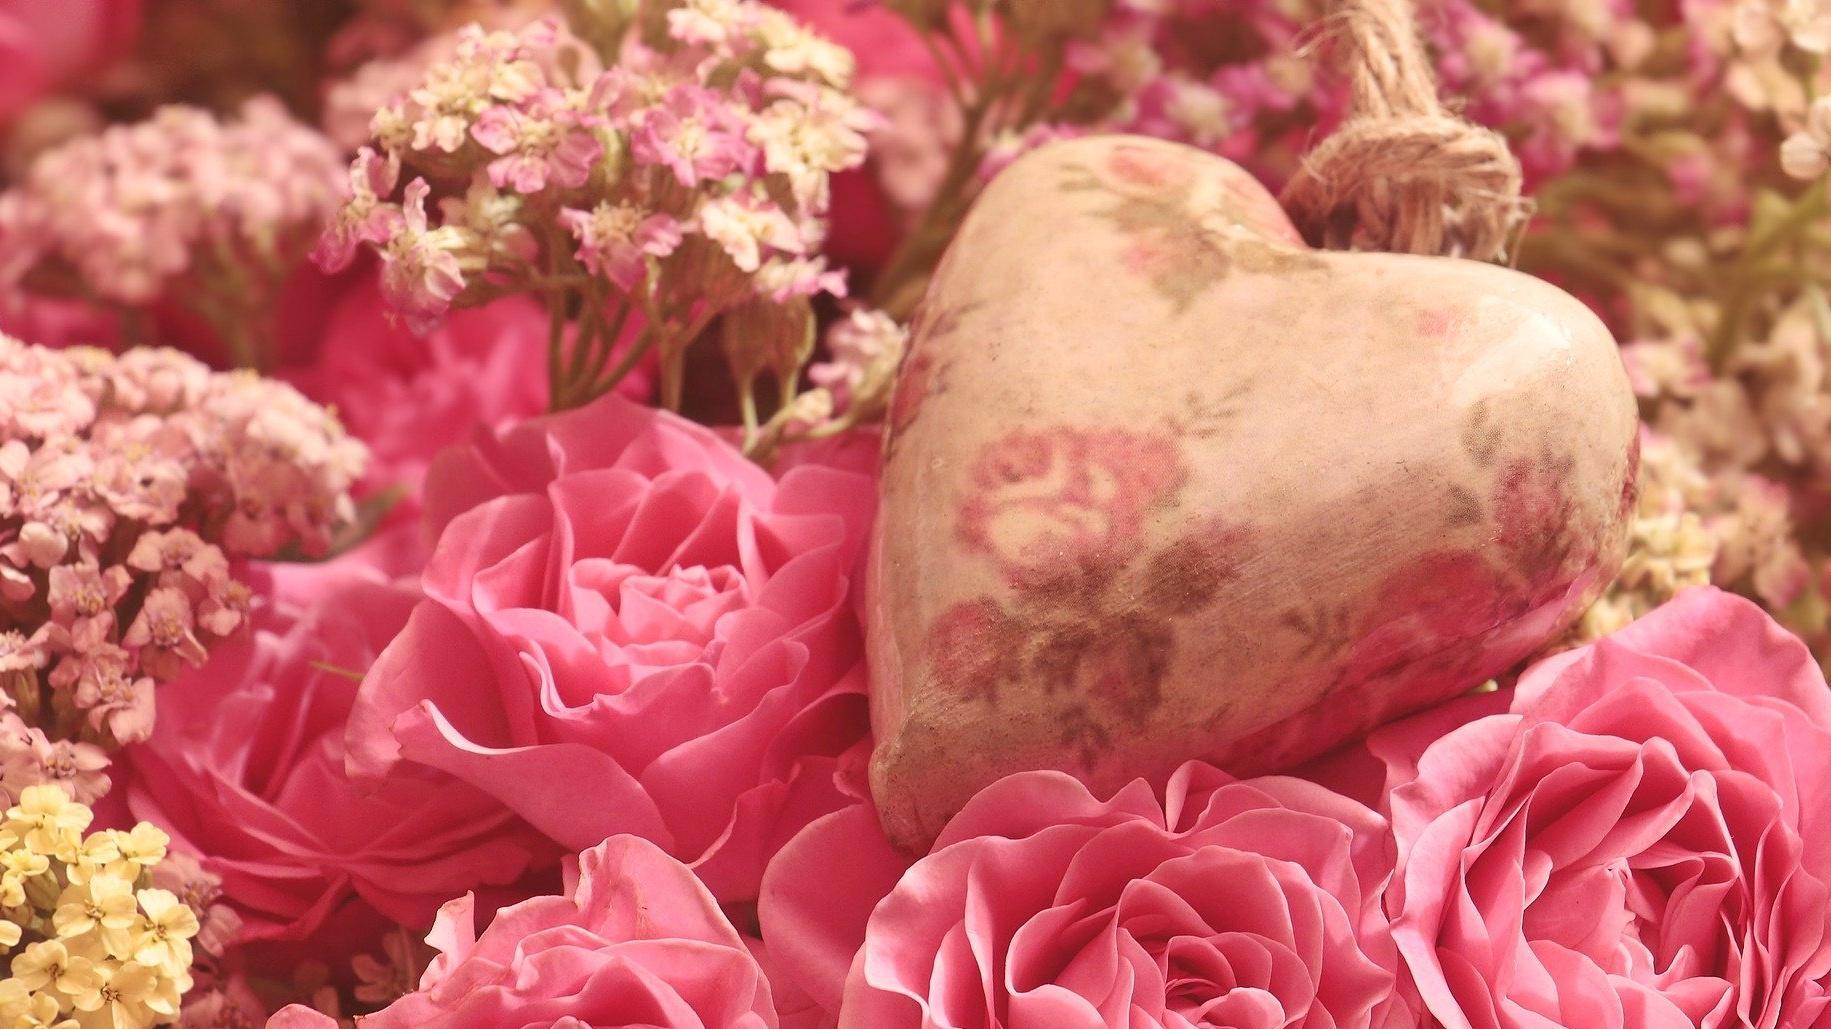 Blumenarrangements sind eine schöne Idee für Verliebte am Valentinstag.